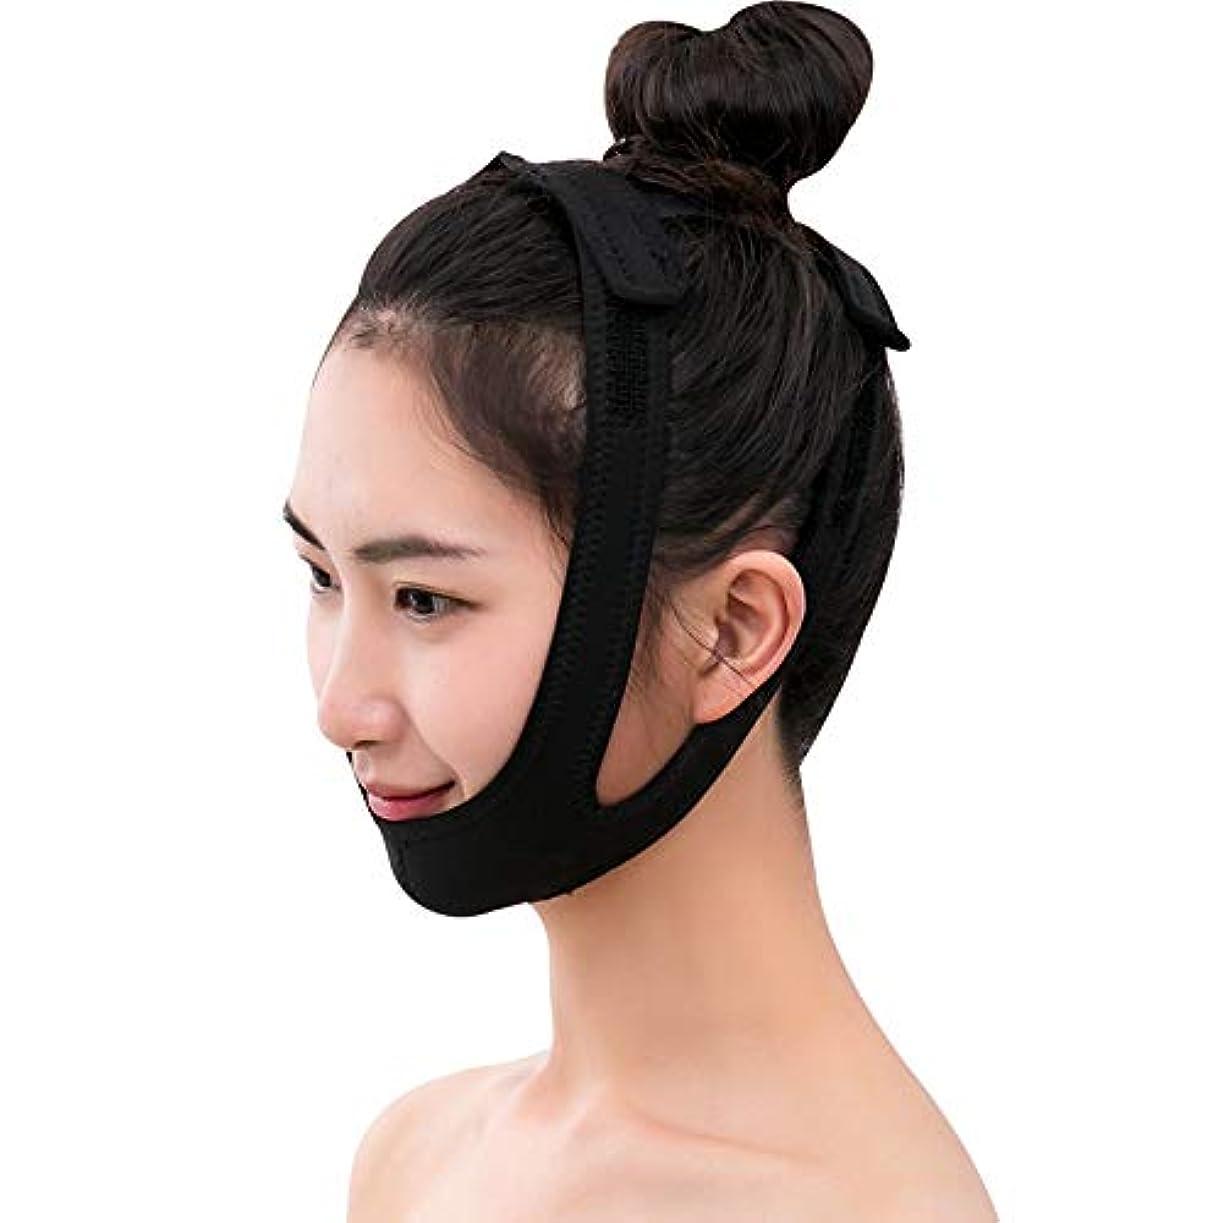 対象信頼できる可塑性薄いフェイスバンド - 薄い顔の包帯ビューティーインストゥルメントフェイシャルリフト睡眠マスク法Vフェイスマスクの通気性を作る